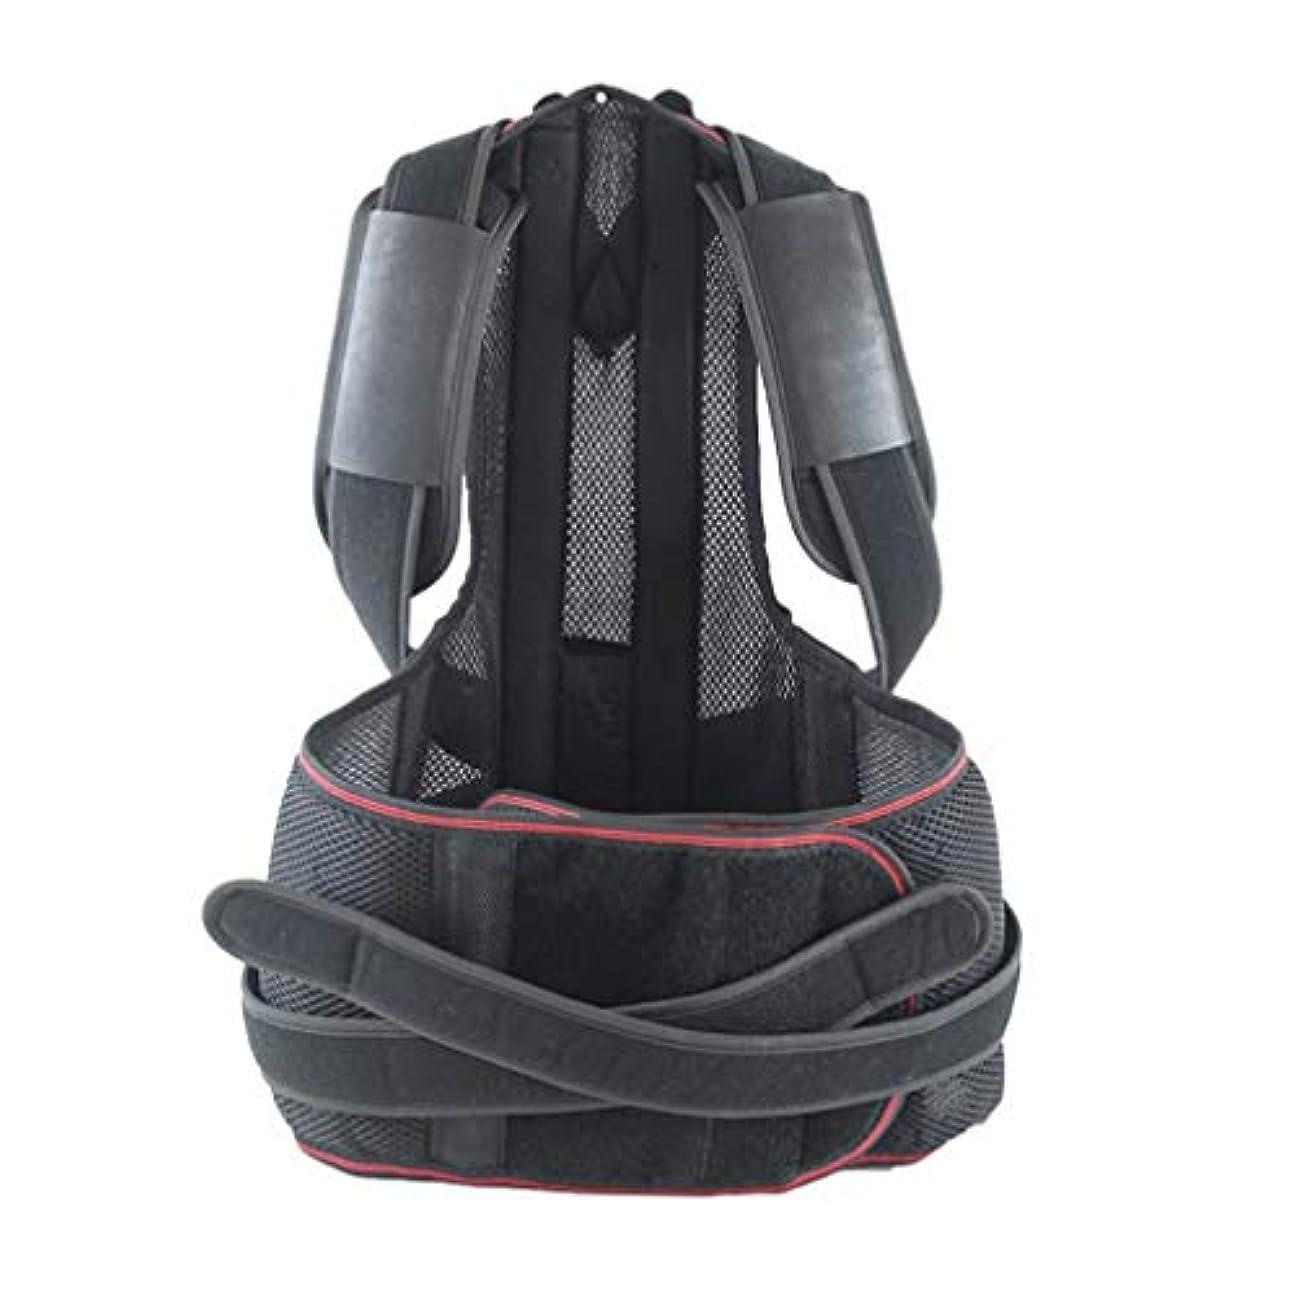 ネット抗議ソロ軽量の姿勢補正装置の悪い腰部の肩サポート背中の痛みブレース-Rustle666